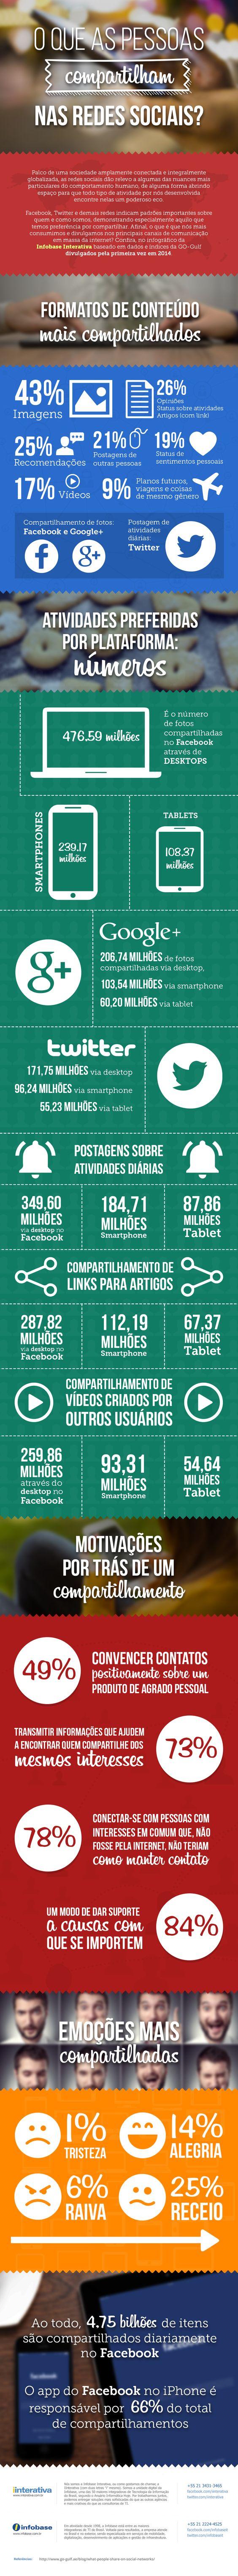 Infográfico | O que as pessoas compartilham nas redes sociais?: